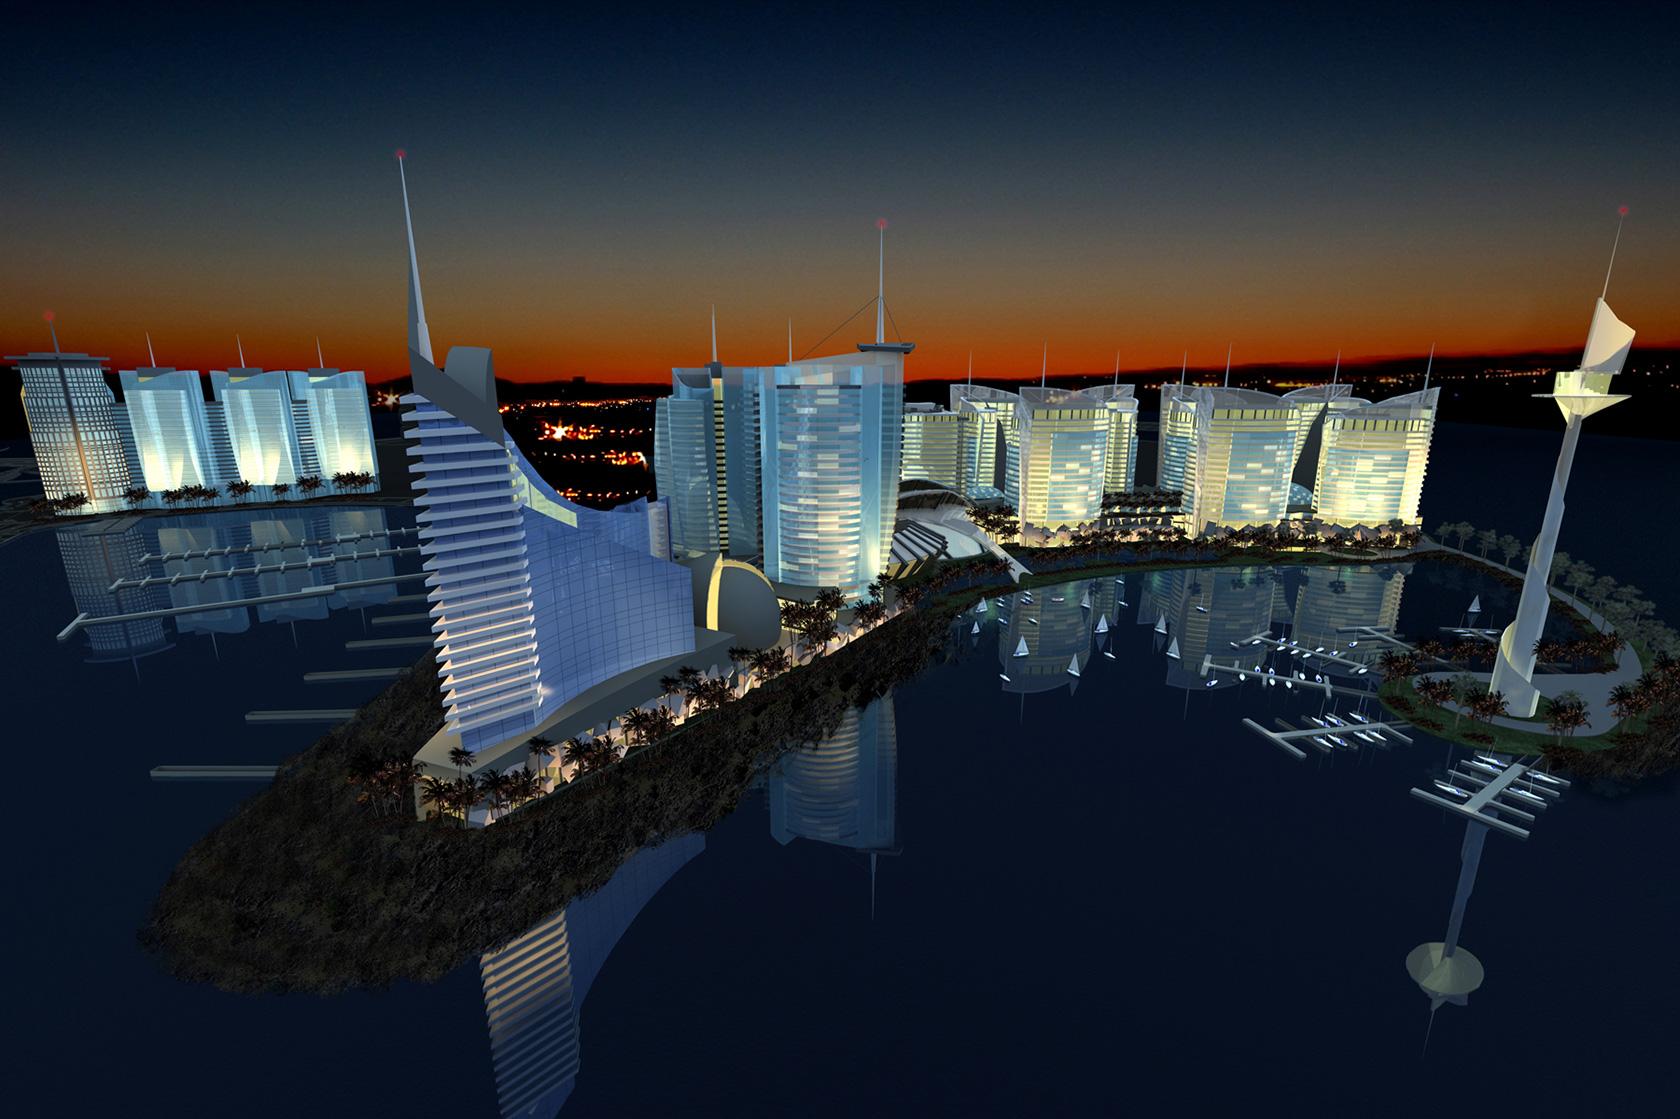 Abu-Dhabi 1